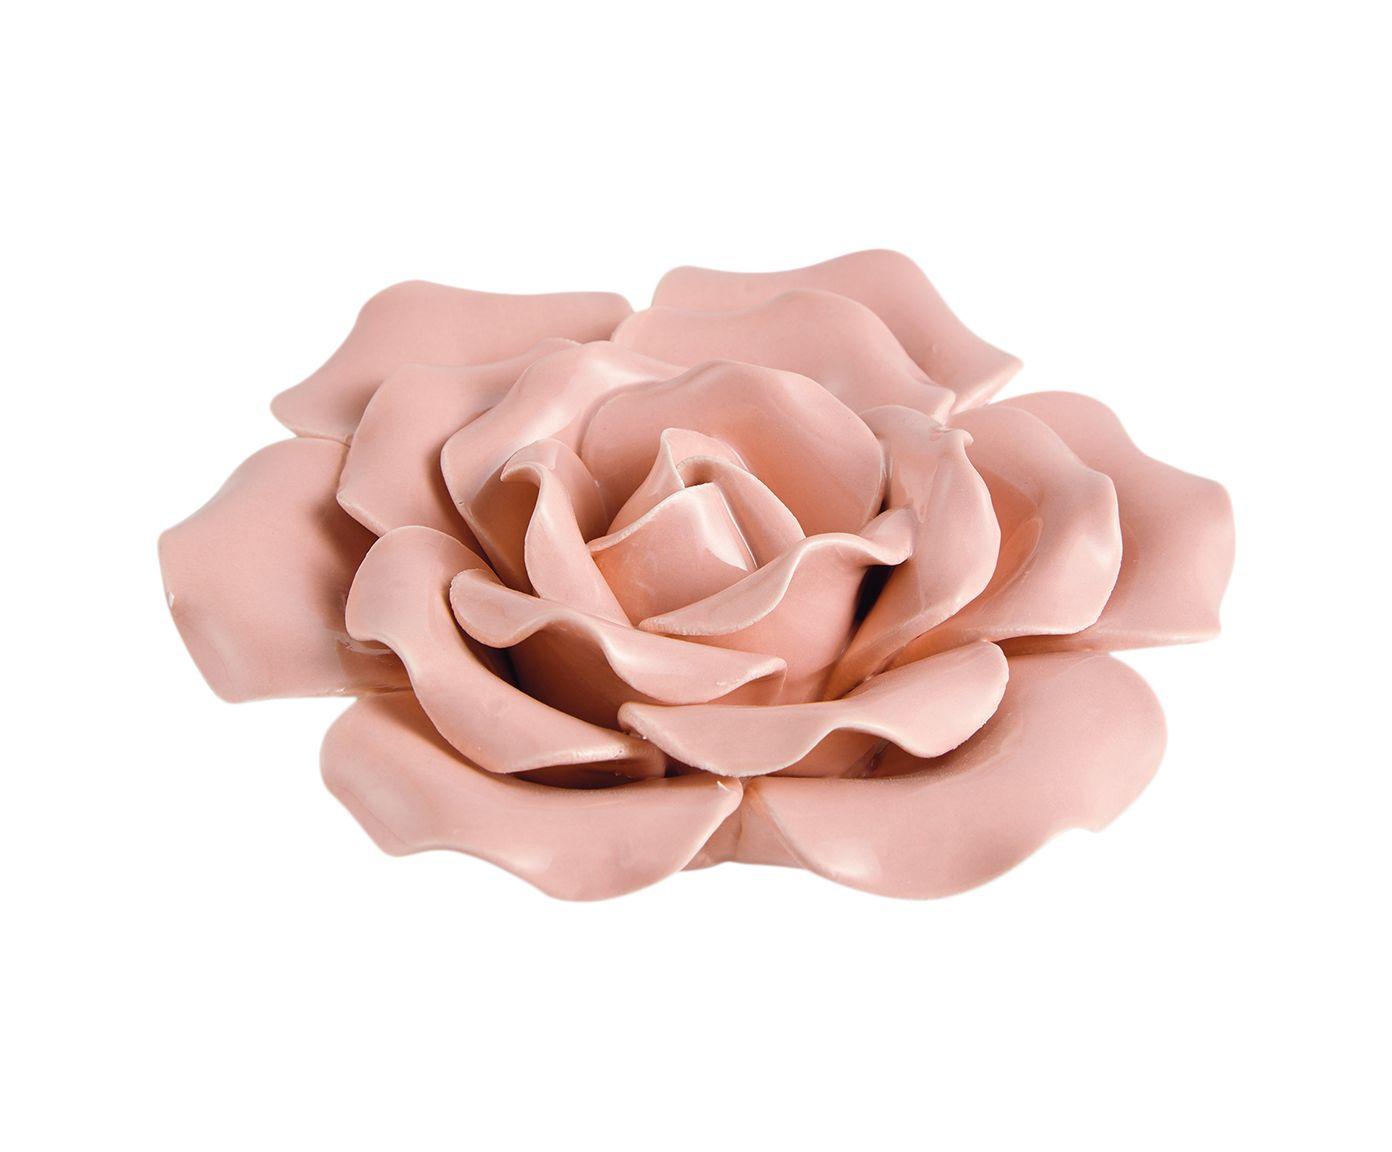 Adorno Rass Rosa - 13X13cm | Westwing.com.br